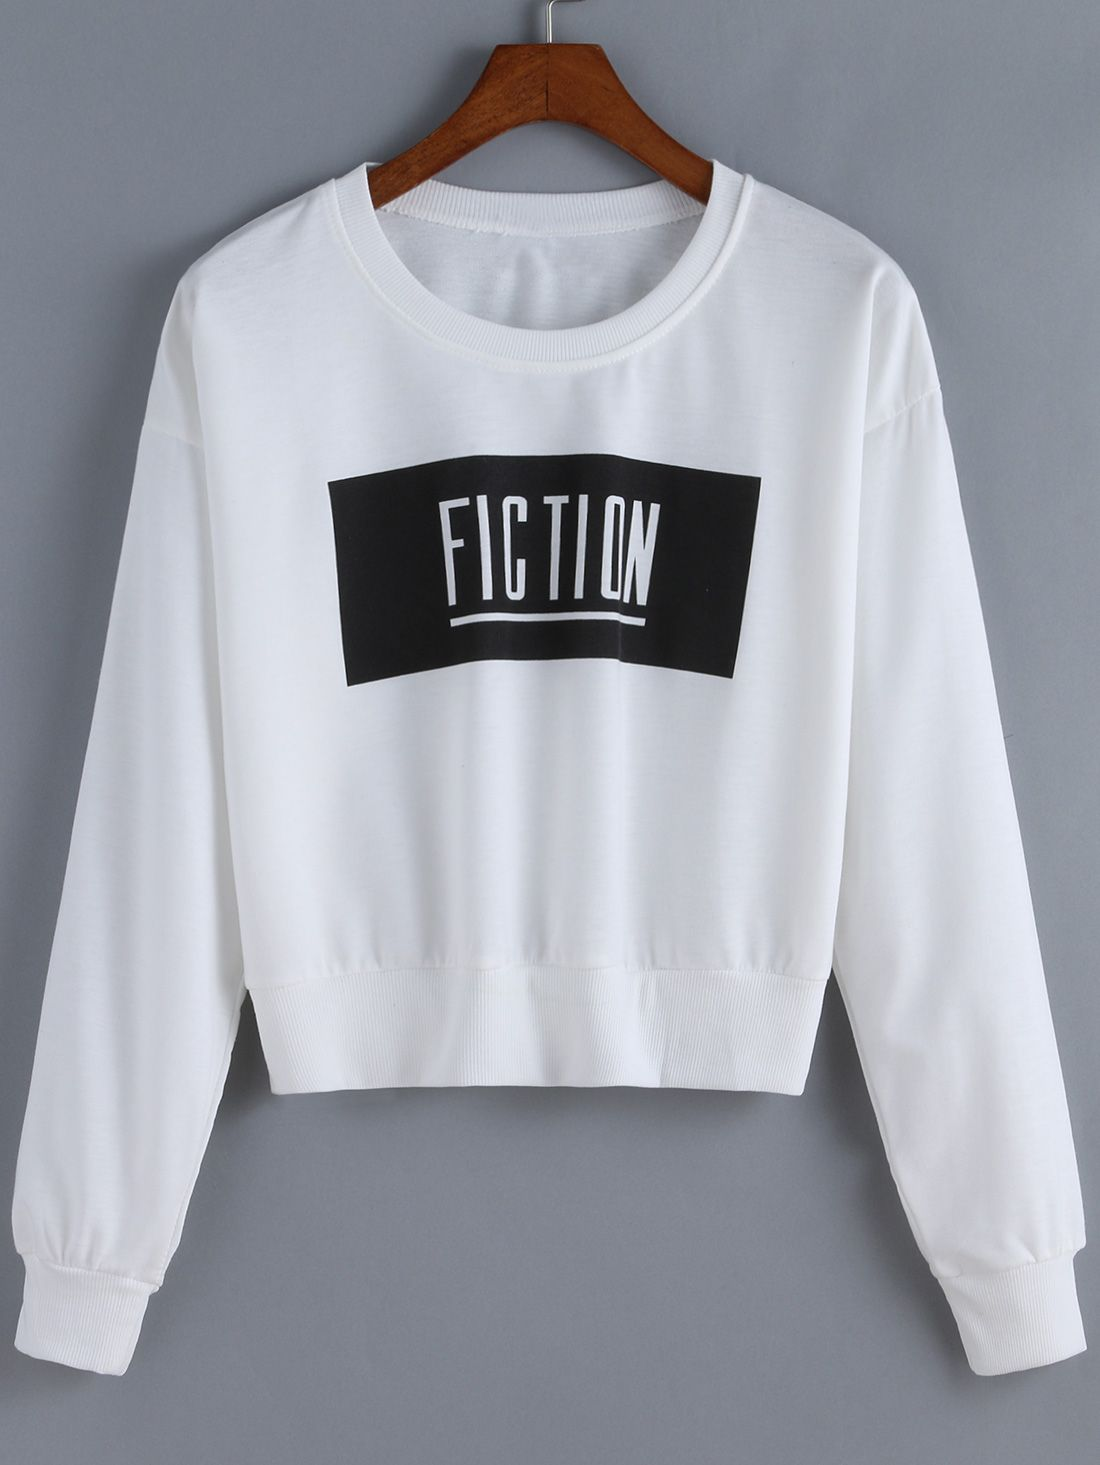 ceab33d43fc8 White Round Neck Fiction Print Crop Sweatshirt